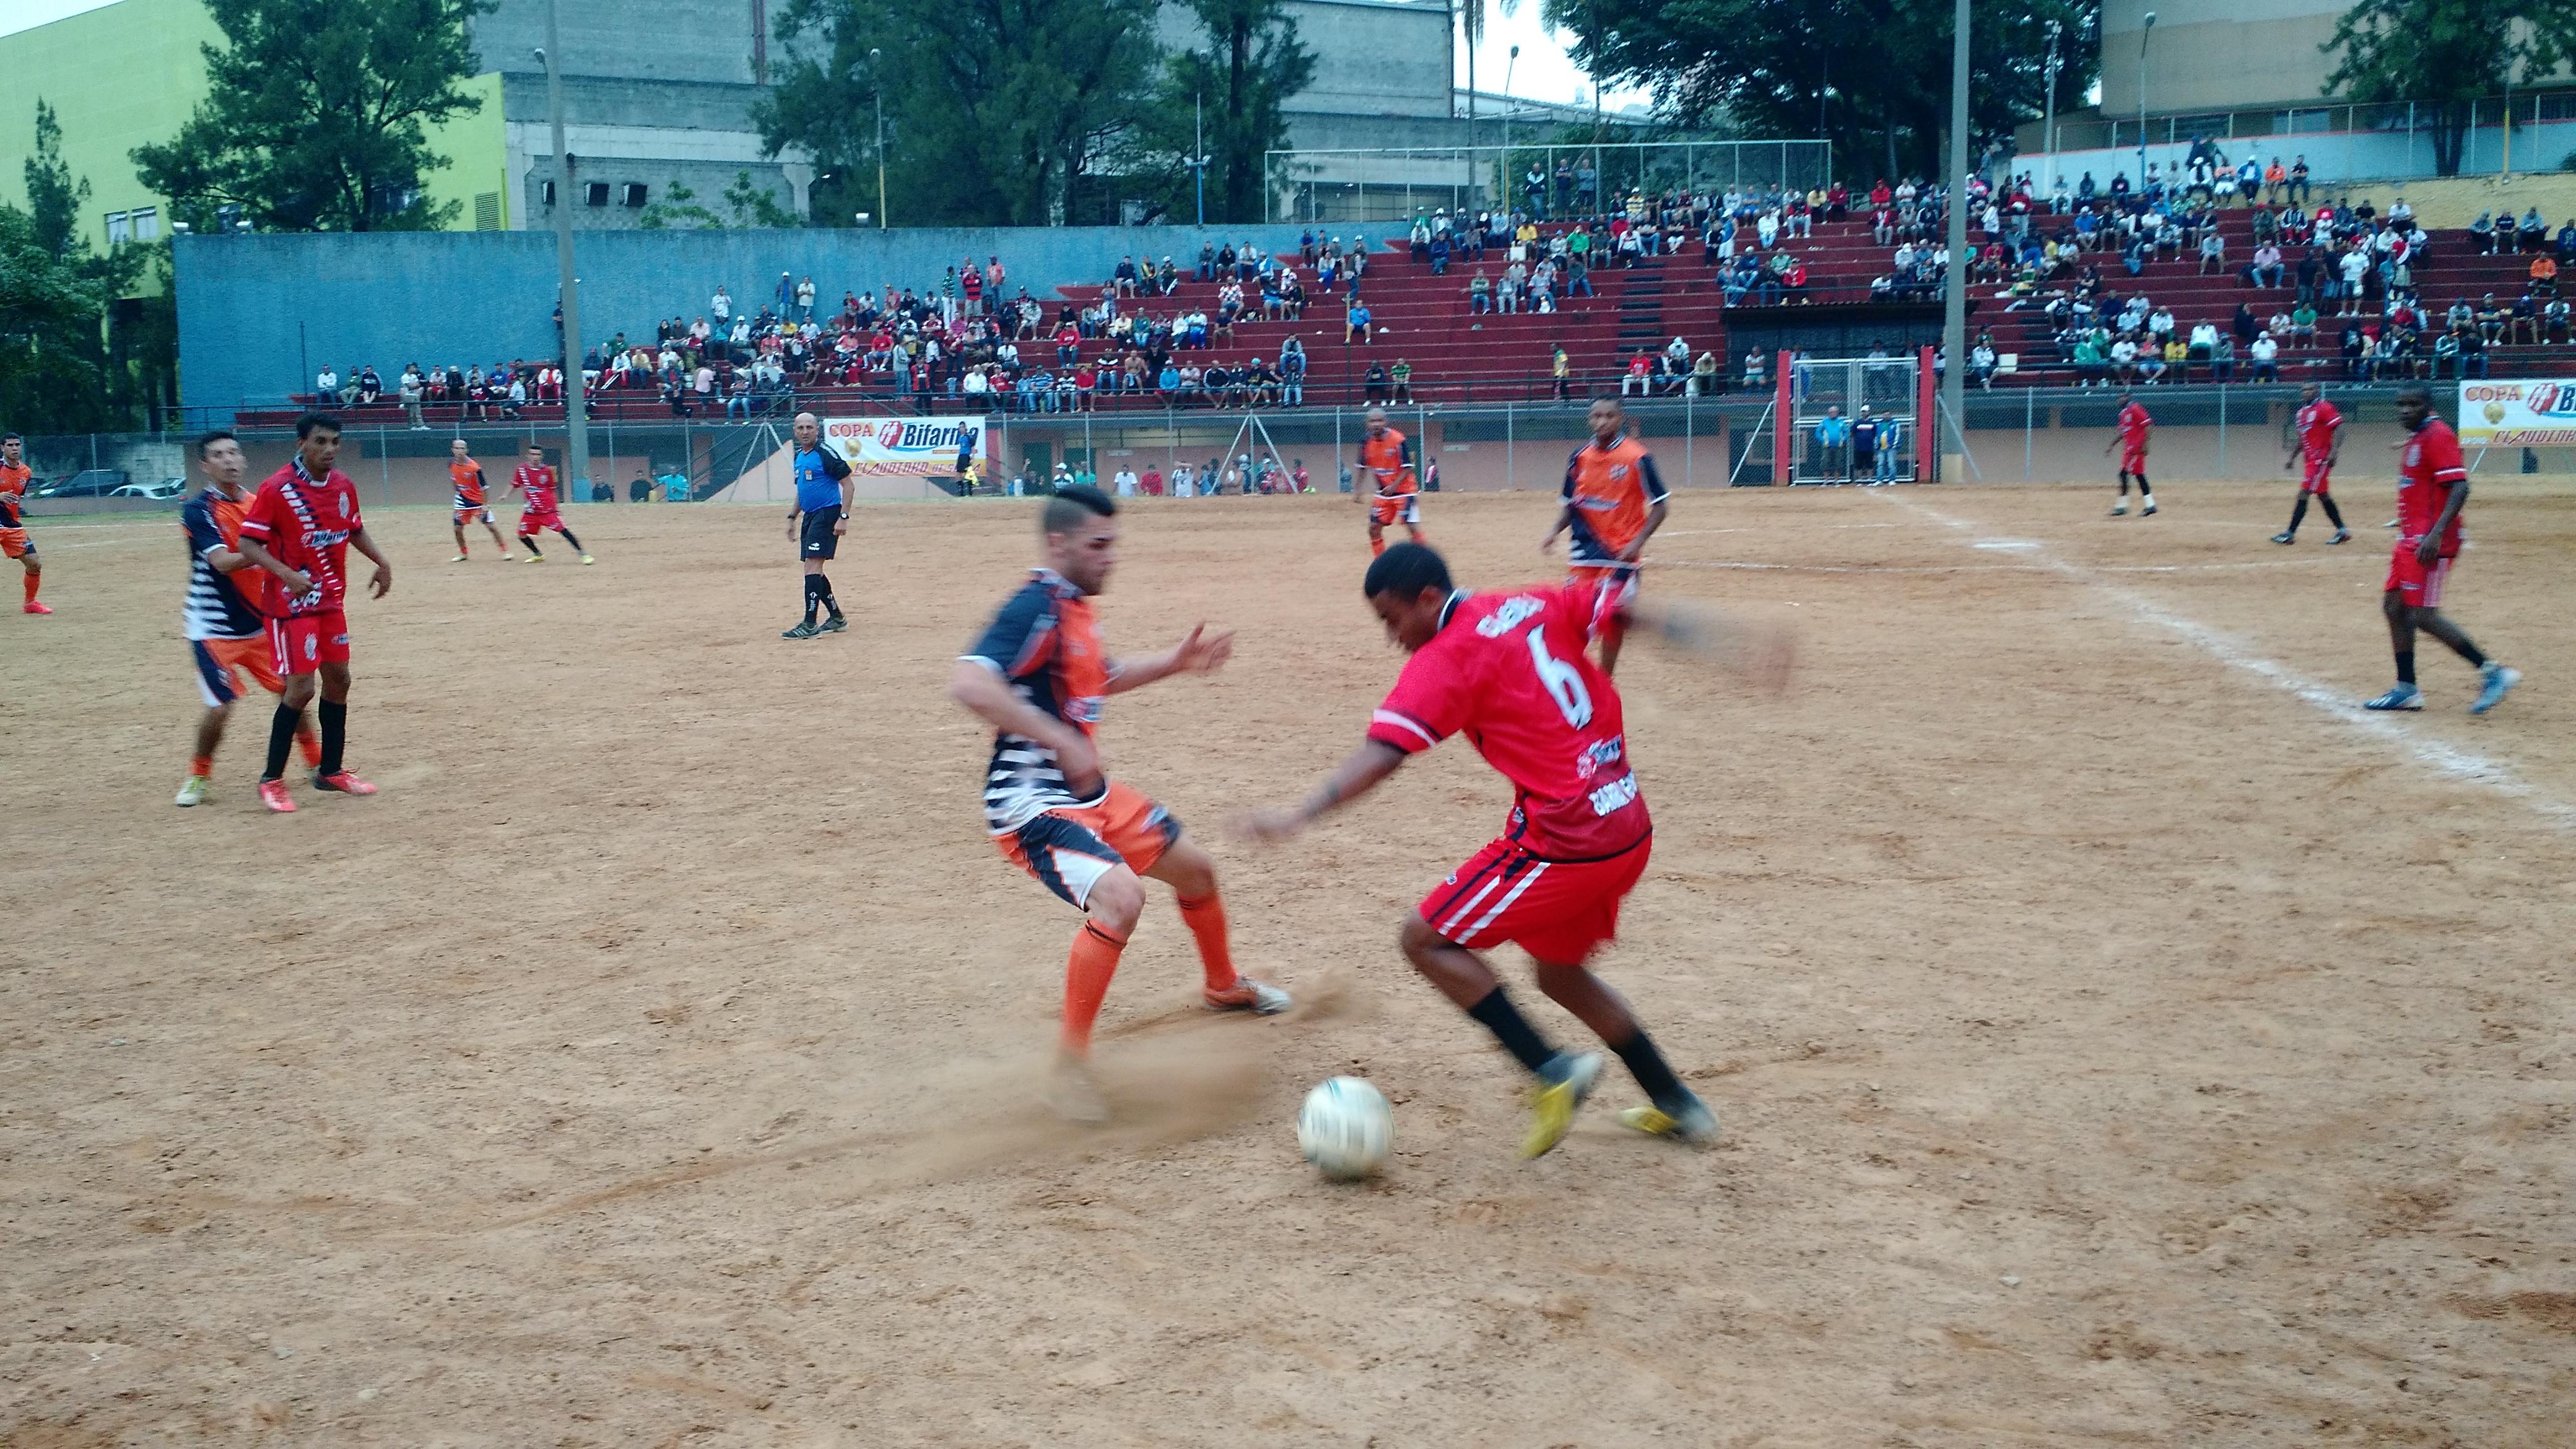 Classe A elimina Central Leste a avança para as quartas-de-final da Copa Bifarma